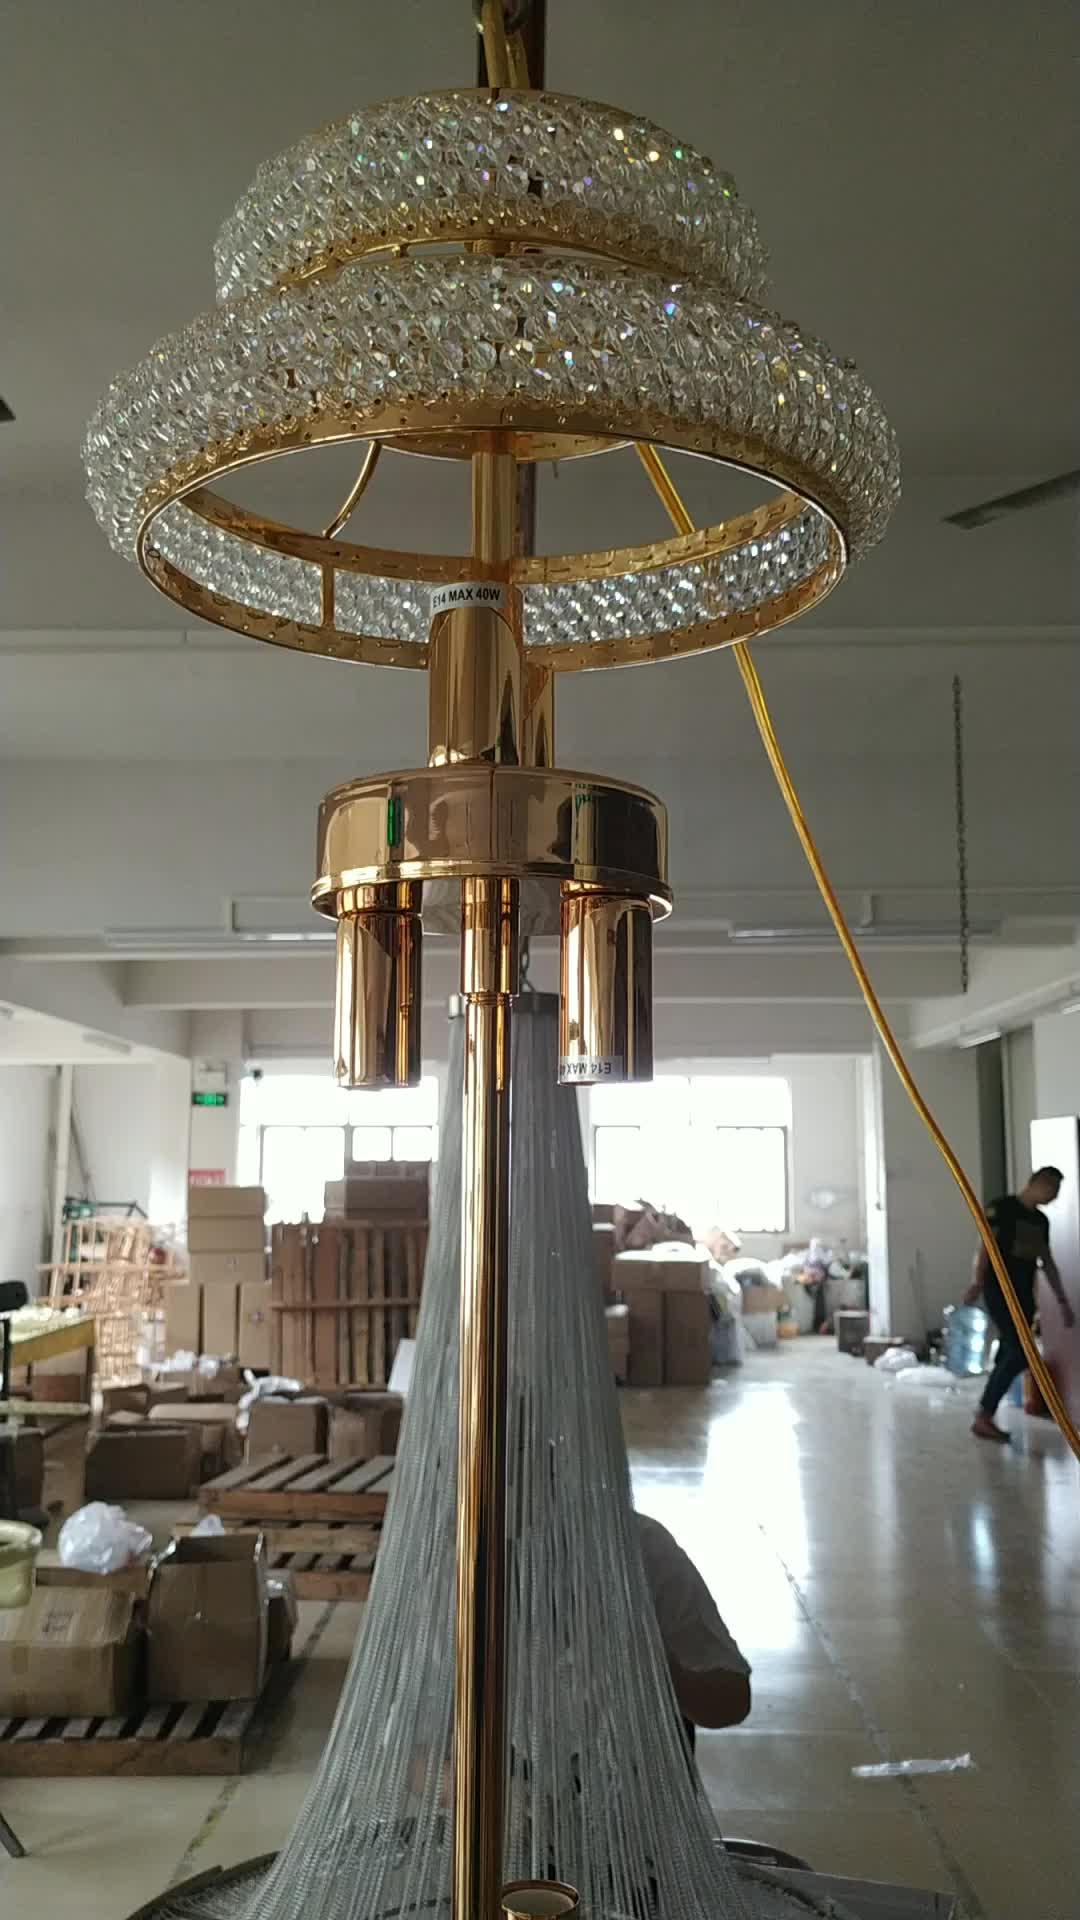 Lámpara colgante nórdica popular de 90cm de diámetro, cristales k9, iluminación de lujo, lámpara colgante dorada, lámparas colgantes, luces decorativas para uso en bodas